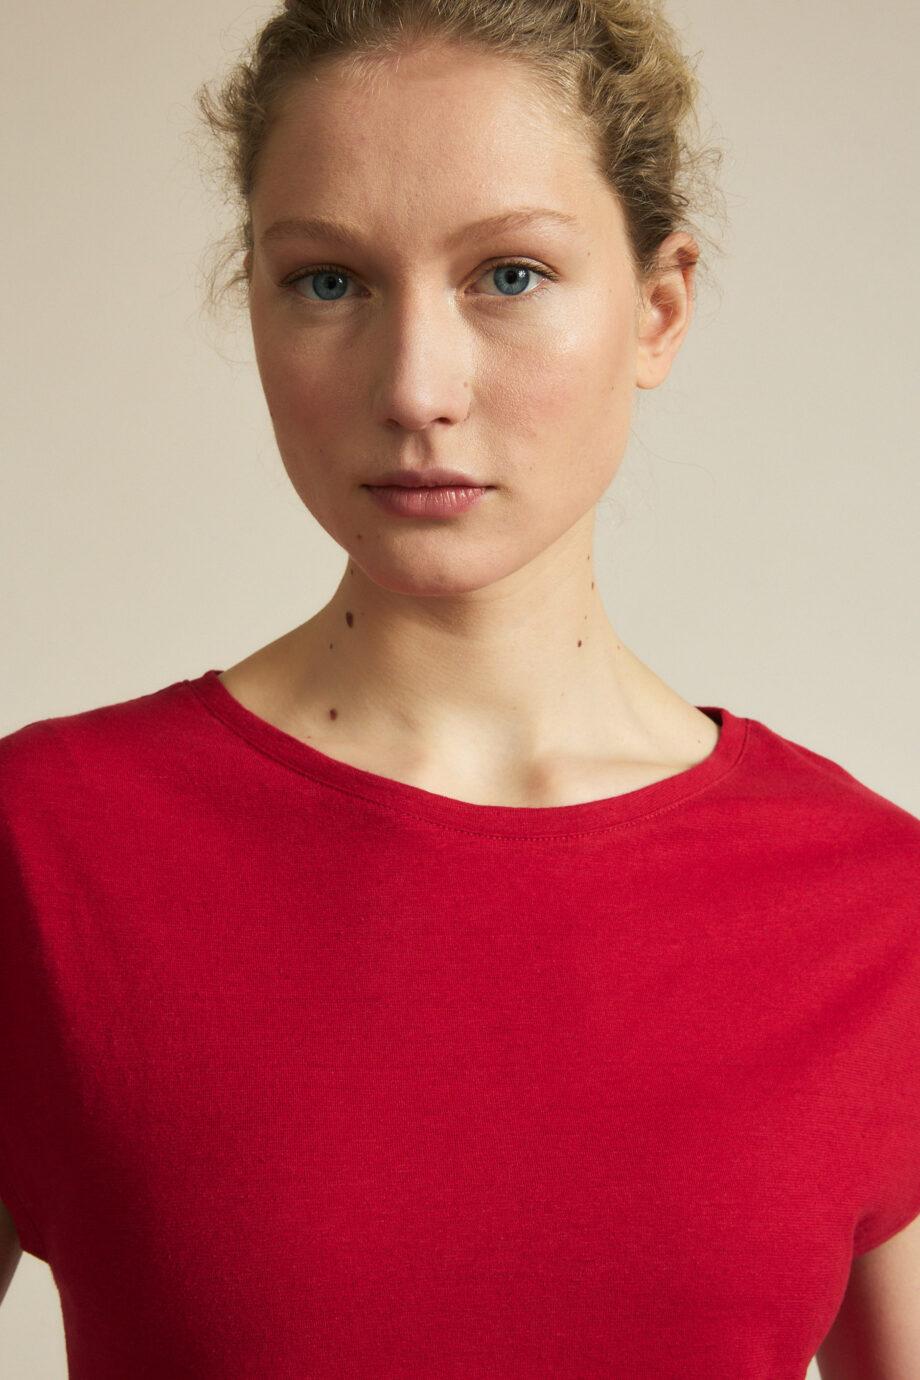 Lanius_Shirt doorlopende mouw_rood chili pepper_hals